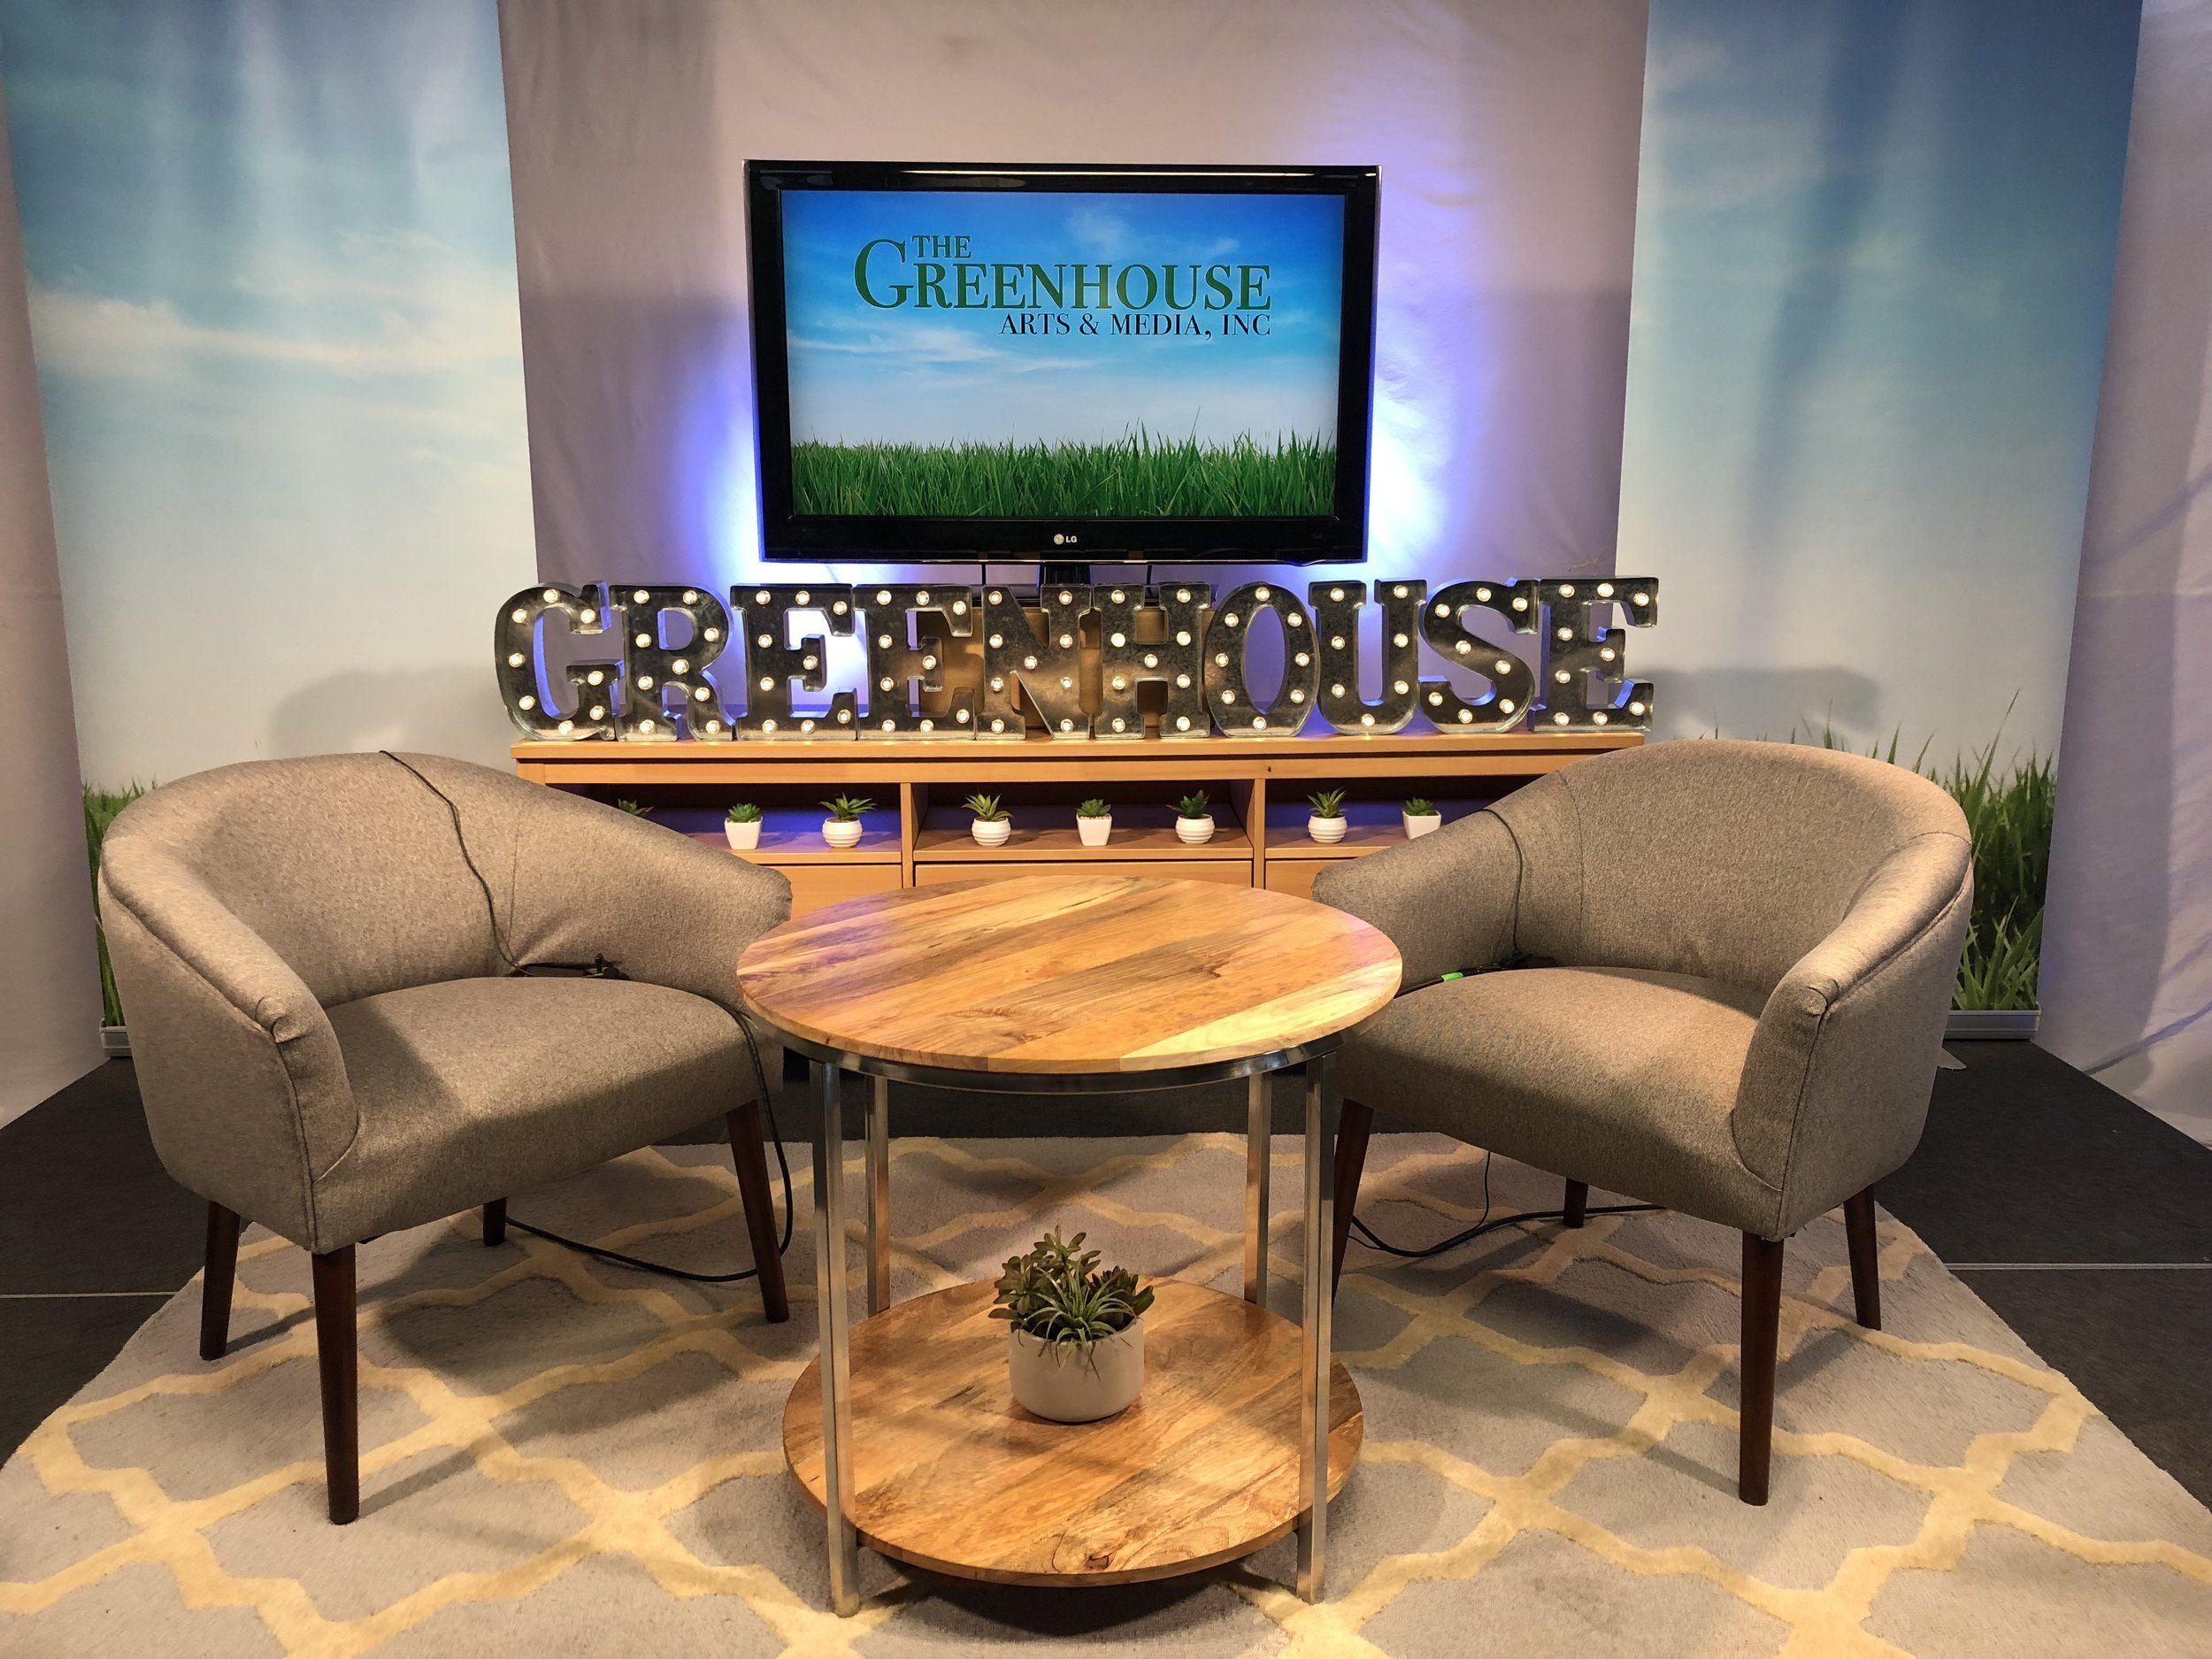 Talk Show Set Tv Set Design Stage Set Design Set Design #television #set #living #room